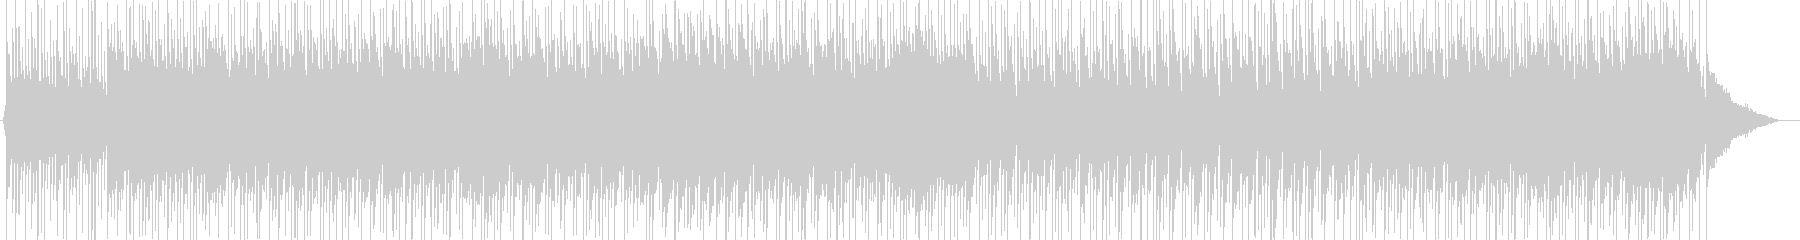 クラシックをアレンジしたルンバの未再生の波形